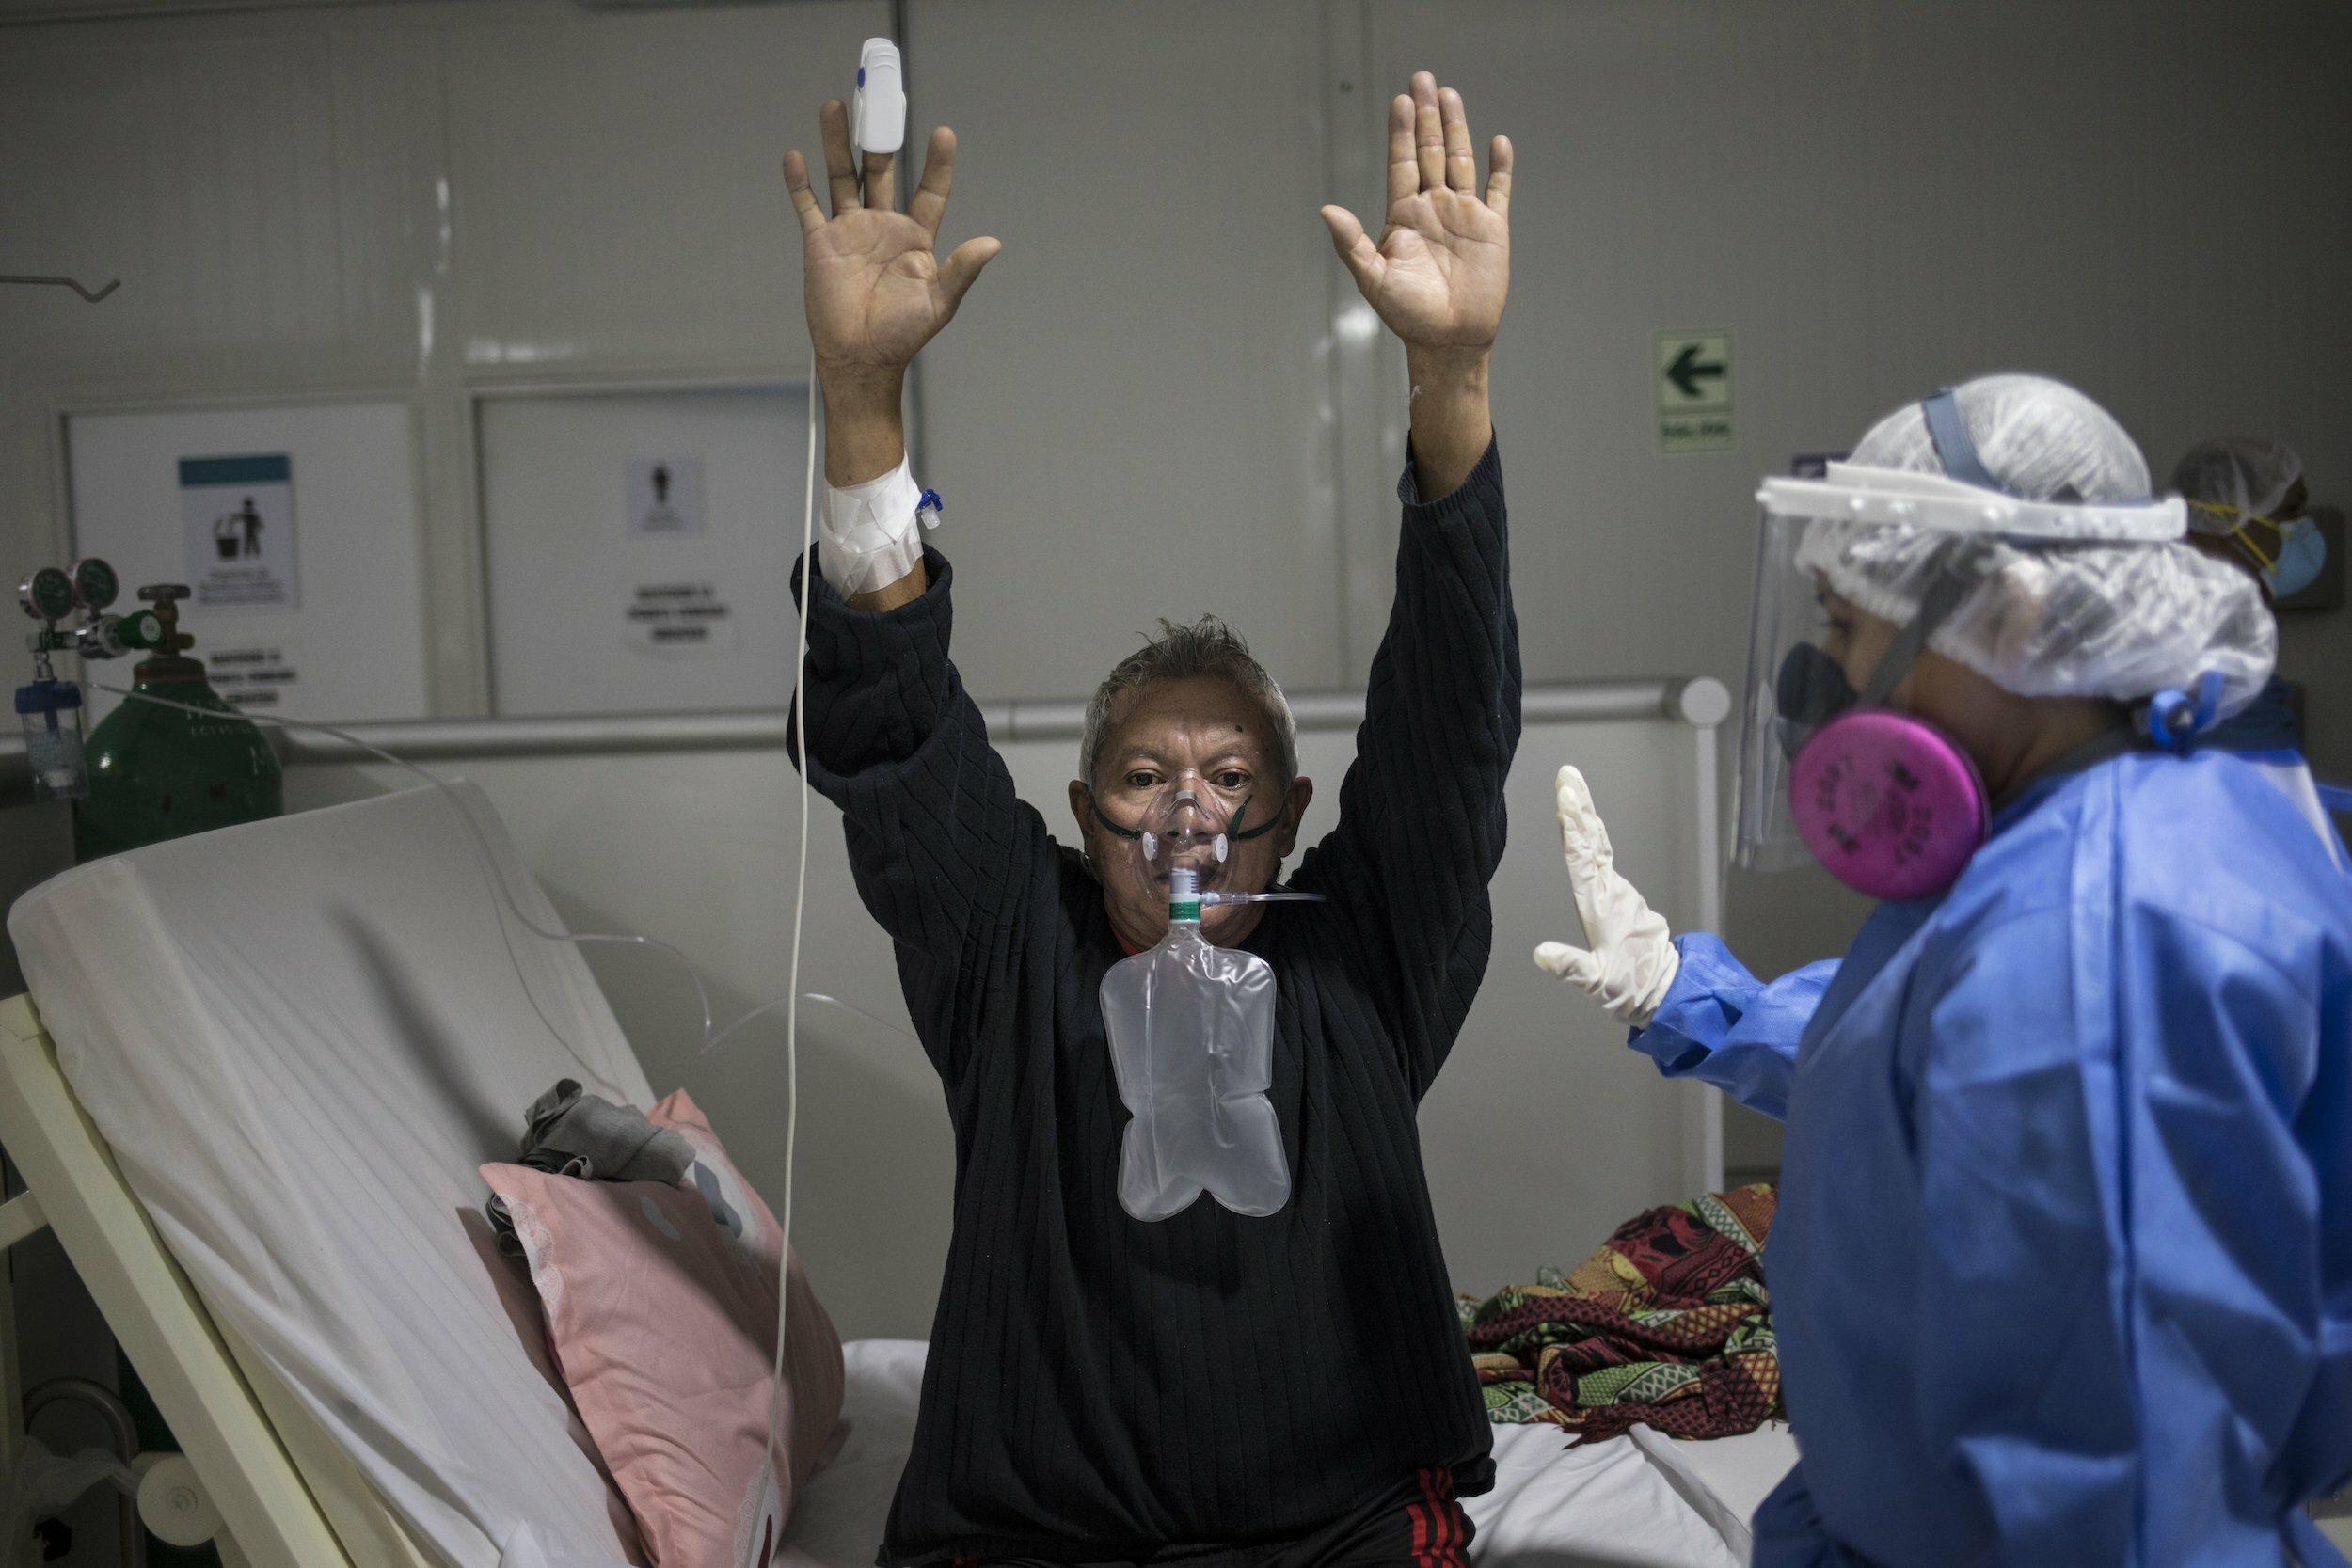 Ein älterer Mann sitzt mit nach oben ausgestreckten Armen in seinem Krankenbett. Er hat einen Sauerstoffbeutel über dem Gesicht und ein Sauerstoff-Messgerät an seinem Finger. Neben ihm steht eine medizinische Fachkraft, die mit ihm spricht.